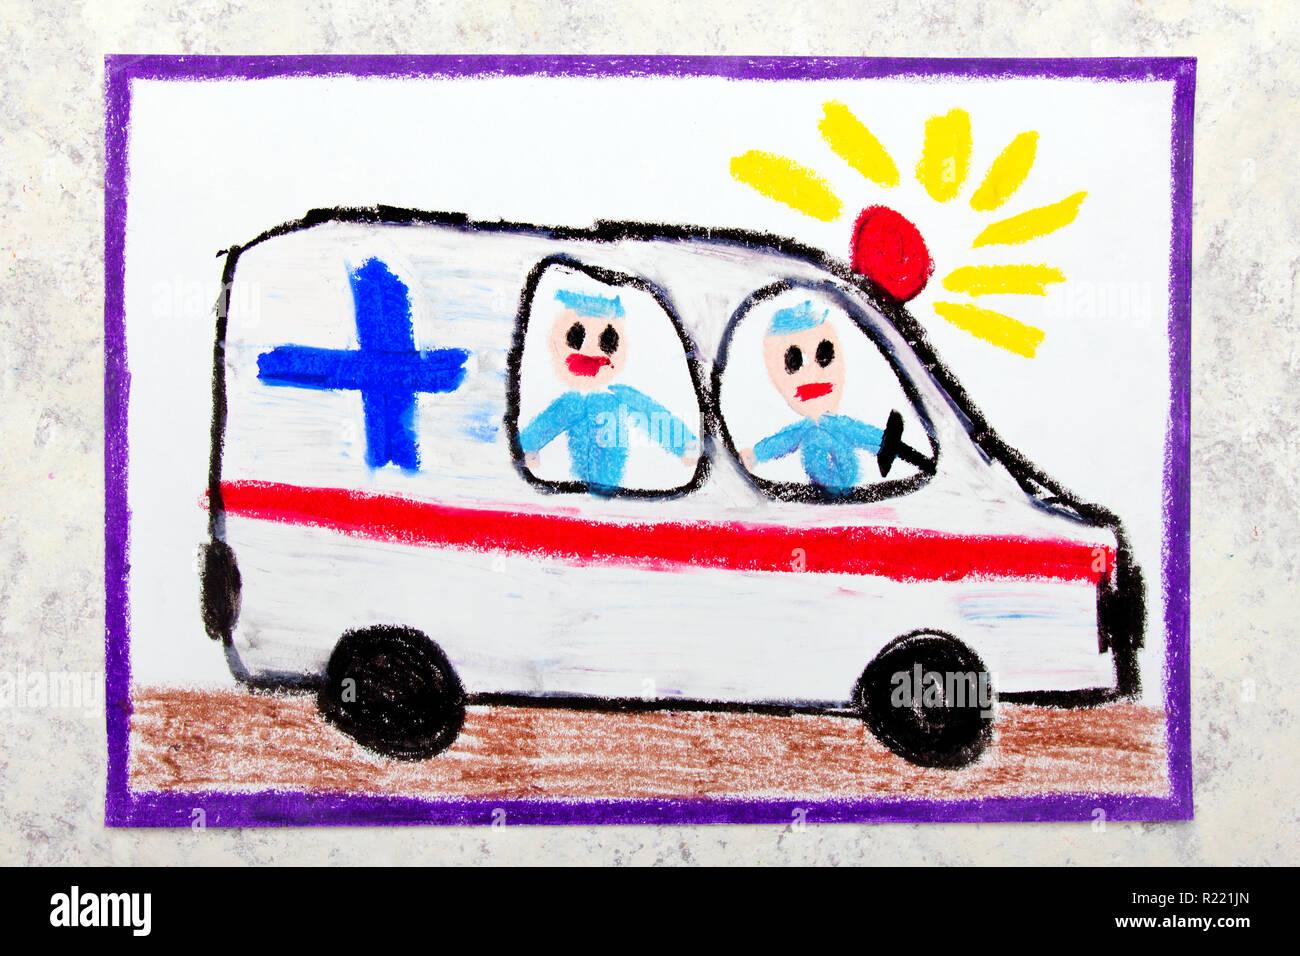 Dessin A La Main En Couleur Ambulance Et Paramedics Photo Stock Alamy